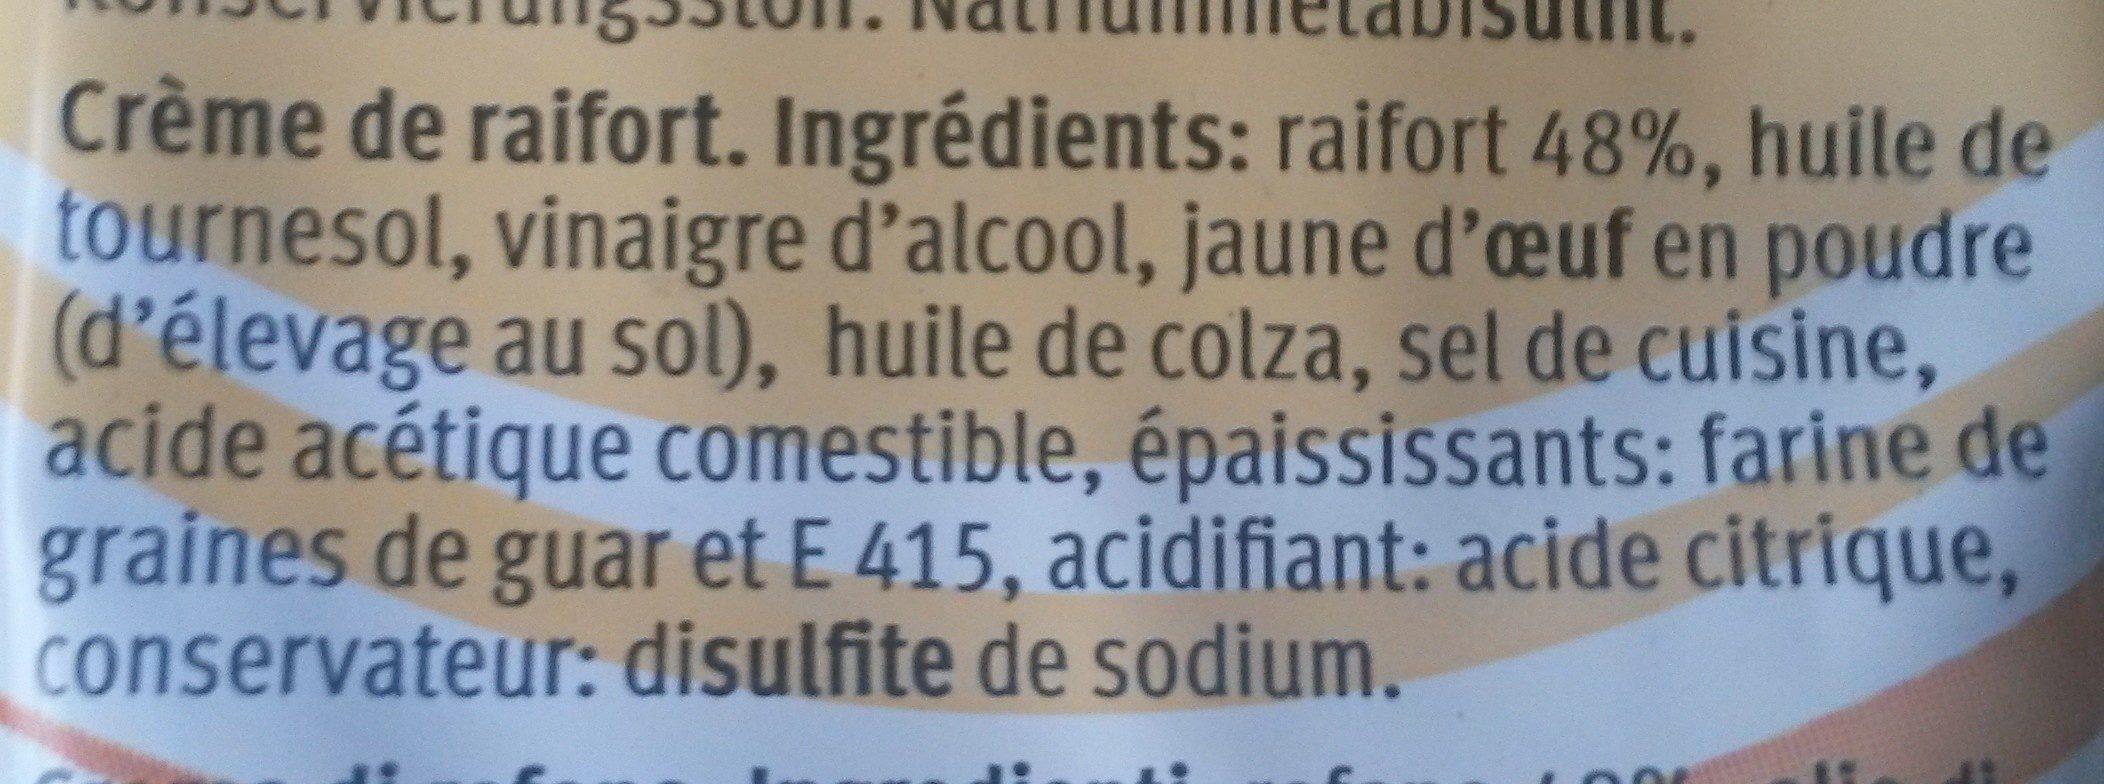 Crème de raifort - Ingredients - fr